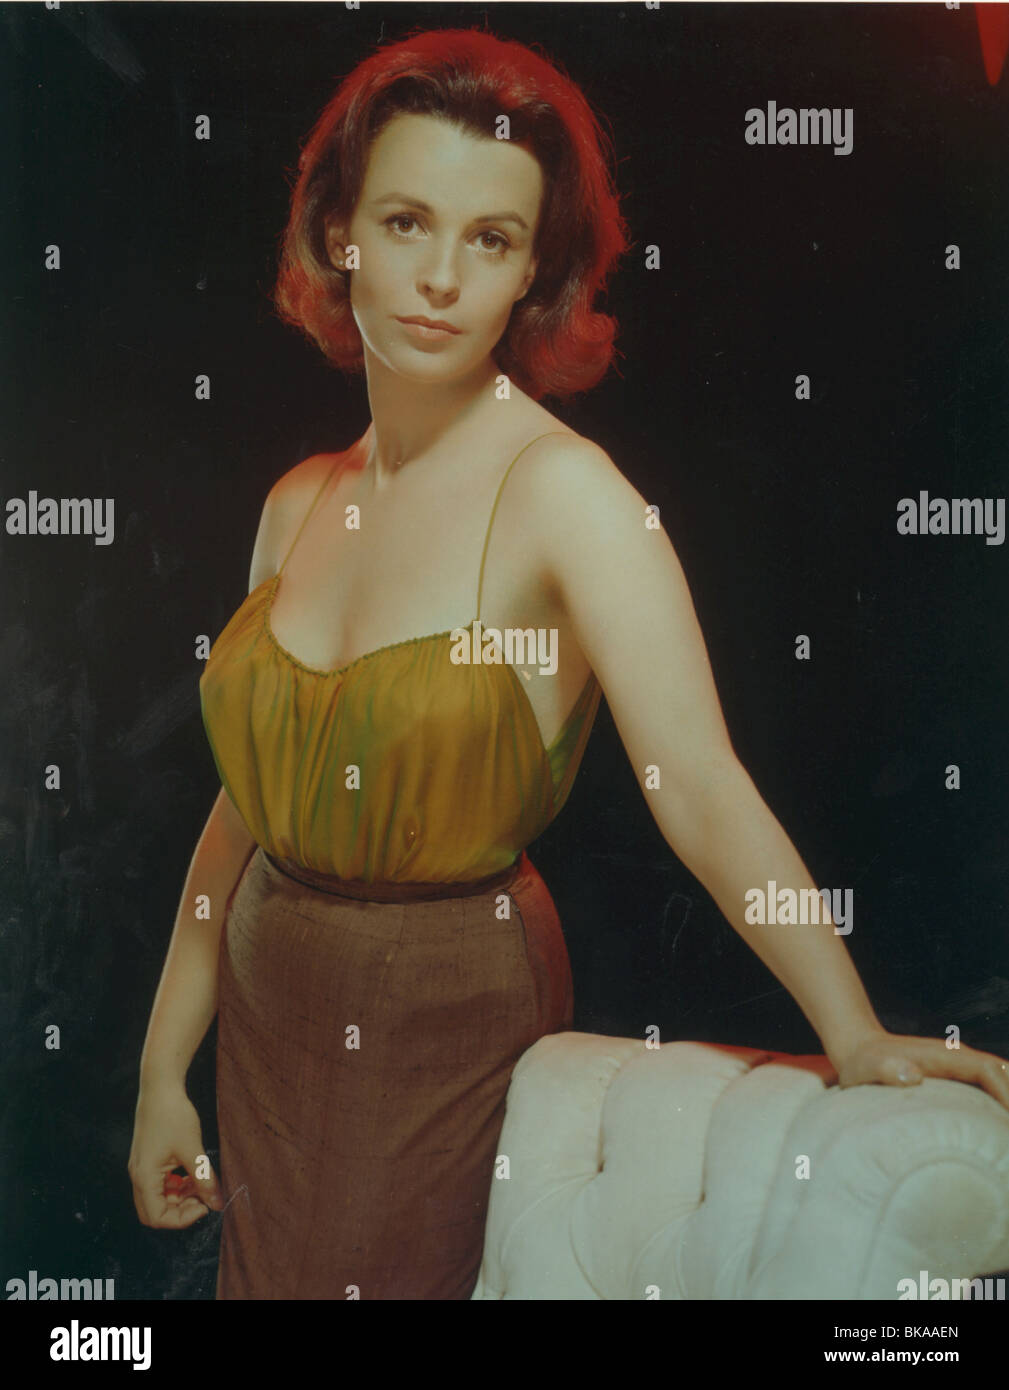 CLAIRE BLOOM PORTRAIT - Stock Image